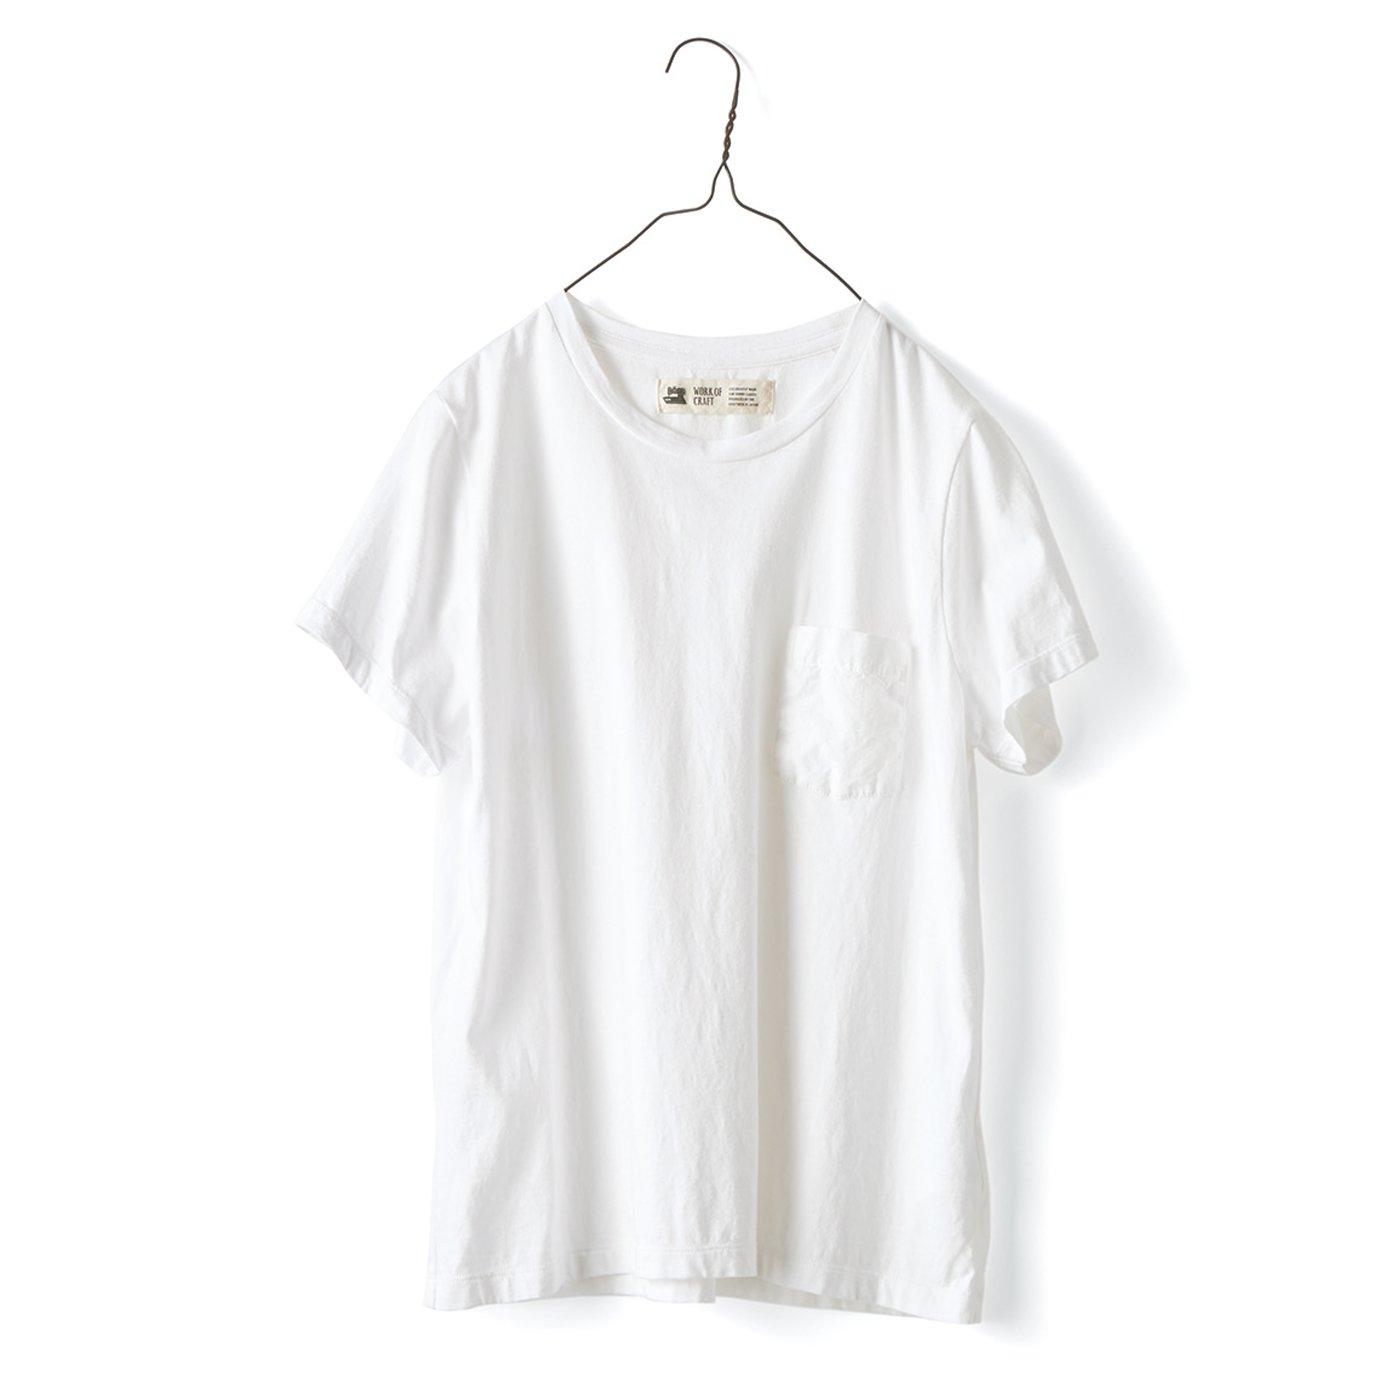 サニークラウズ こだわりだらけのシンプルTシャツ〈レディース〉